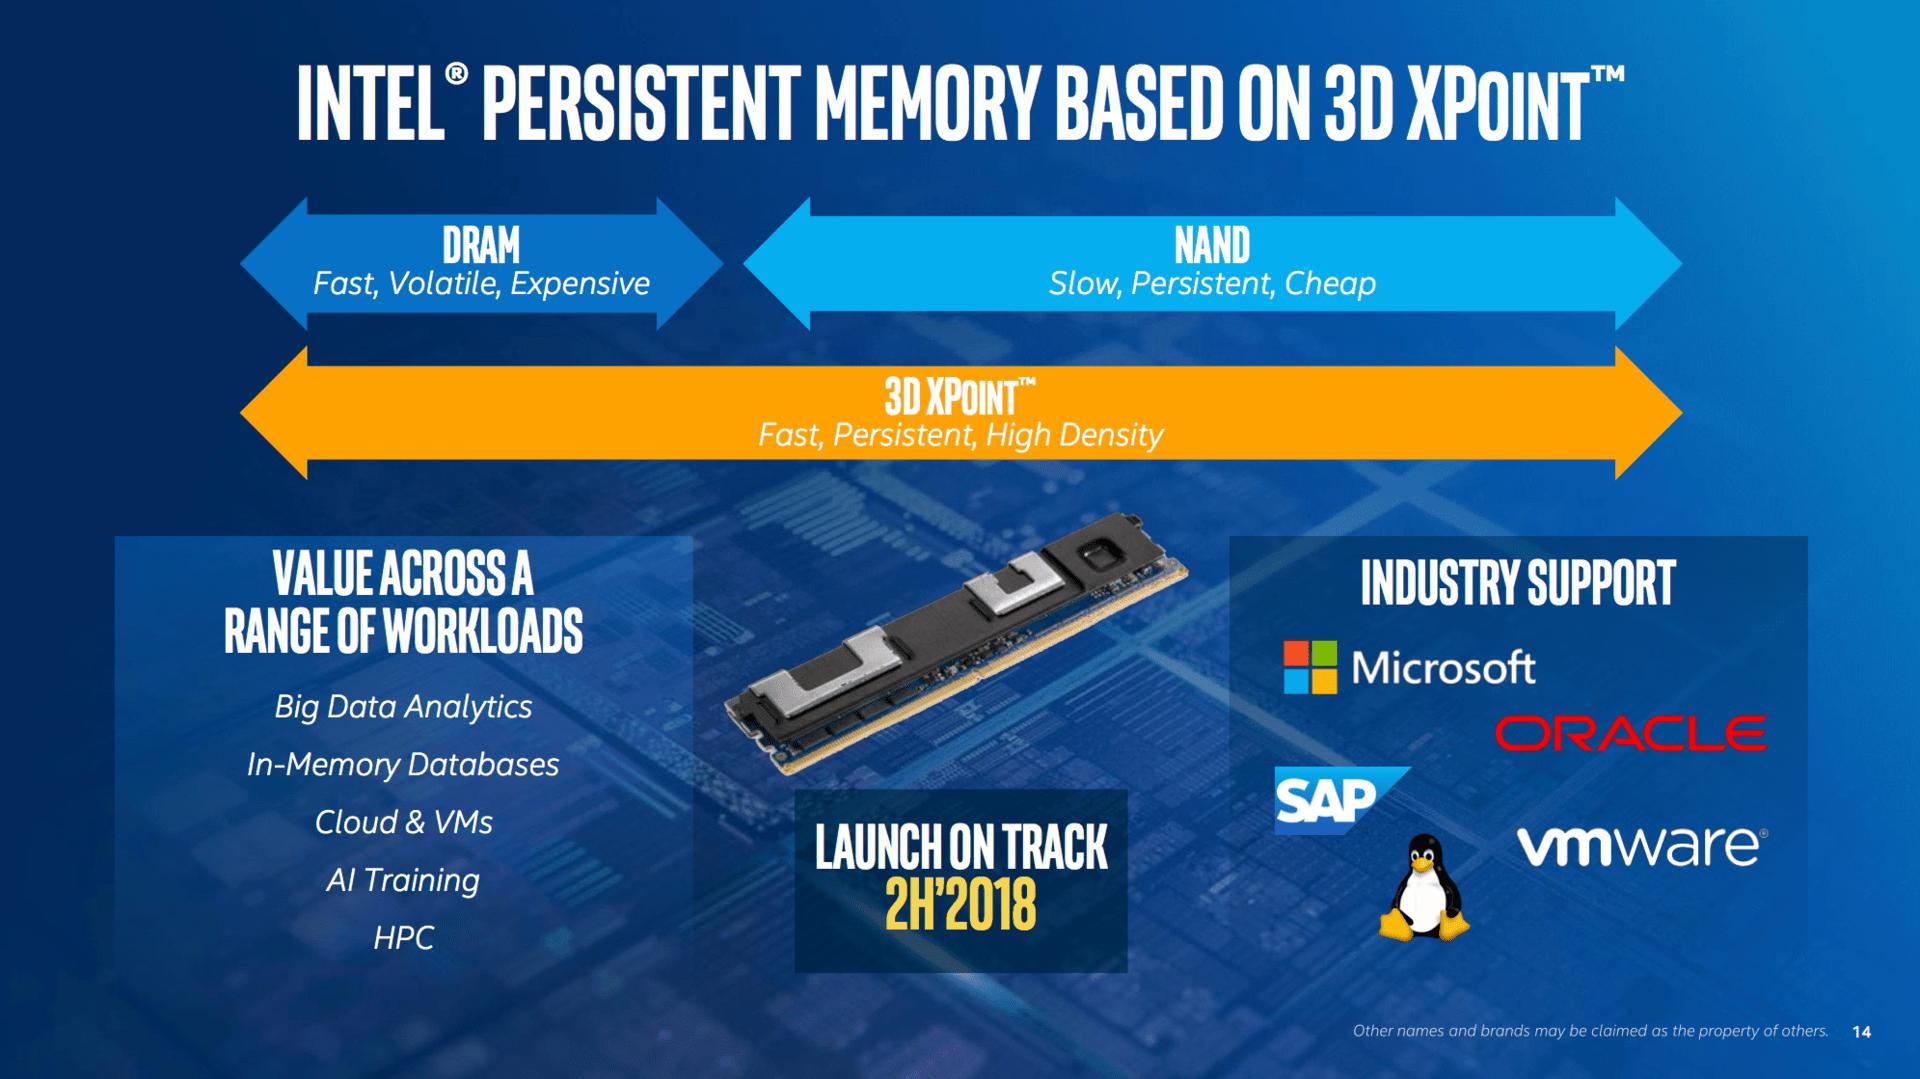 Intel persistent memory kommt im zweiten Halbjahr 2018